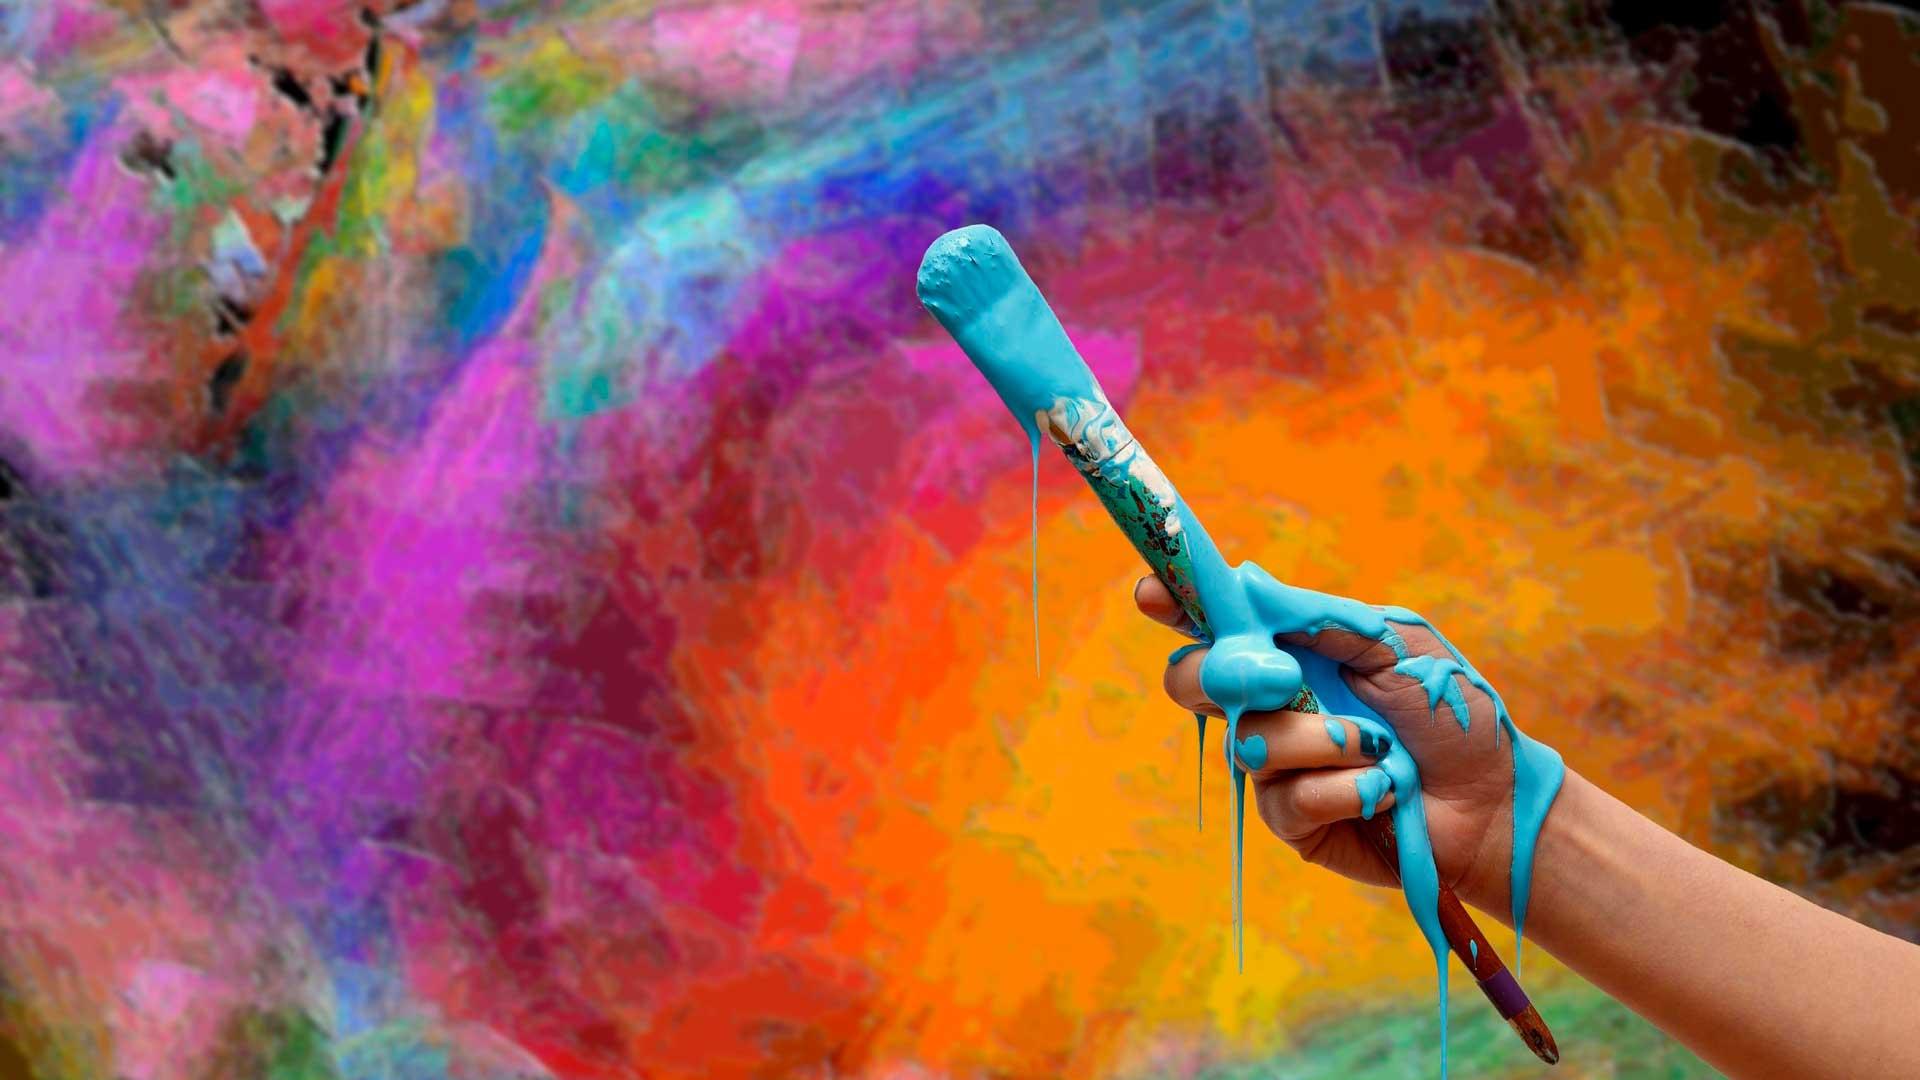 Mão segurando pincel sujo de tinta azul em frente a uma parede colorida.